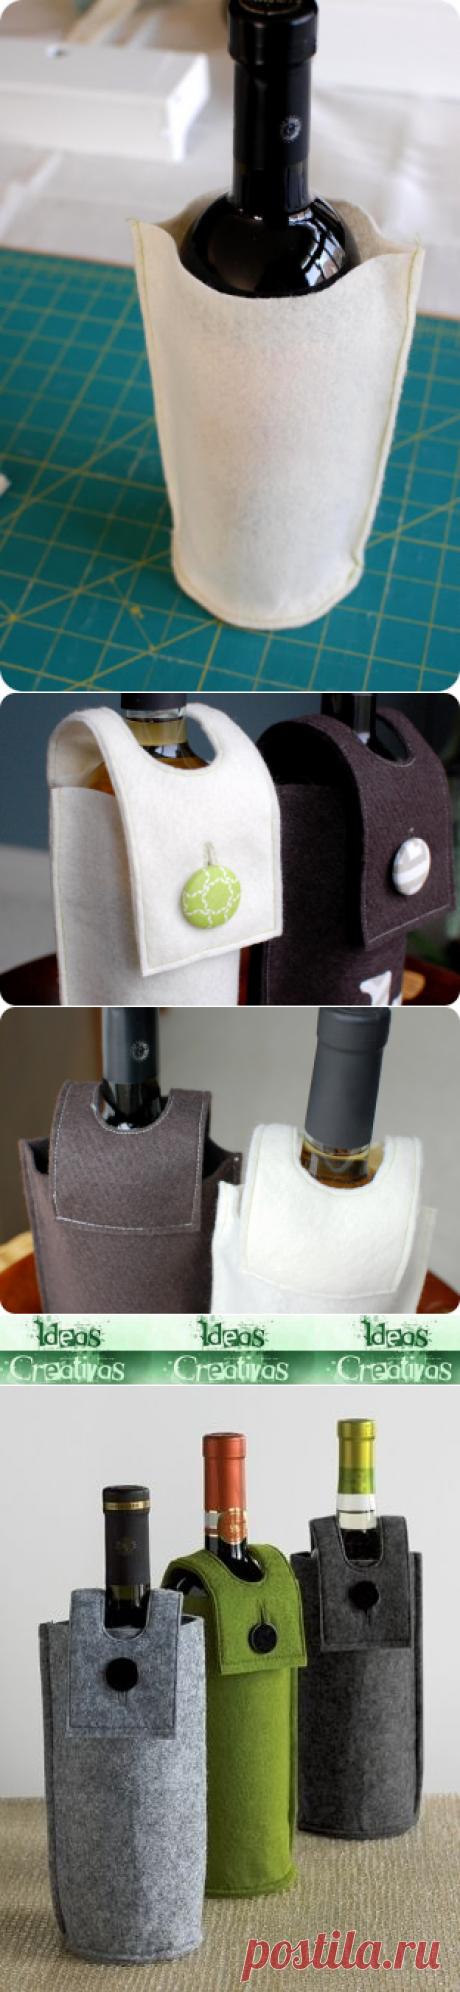 Ideas Creativas y Practicas: Funda de Fieltro para Botellas